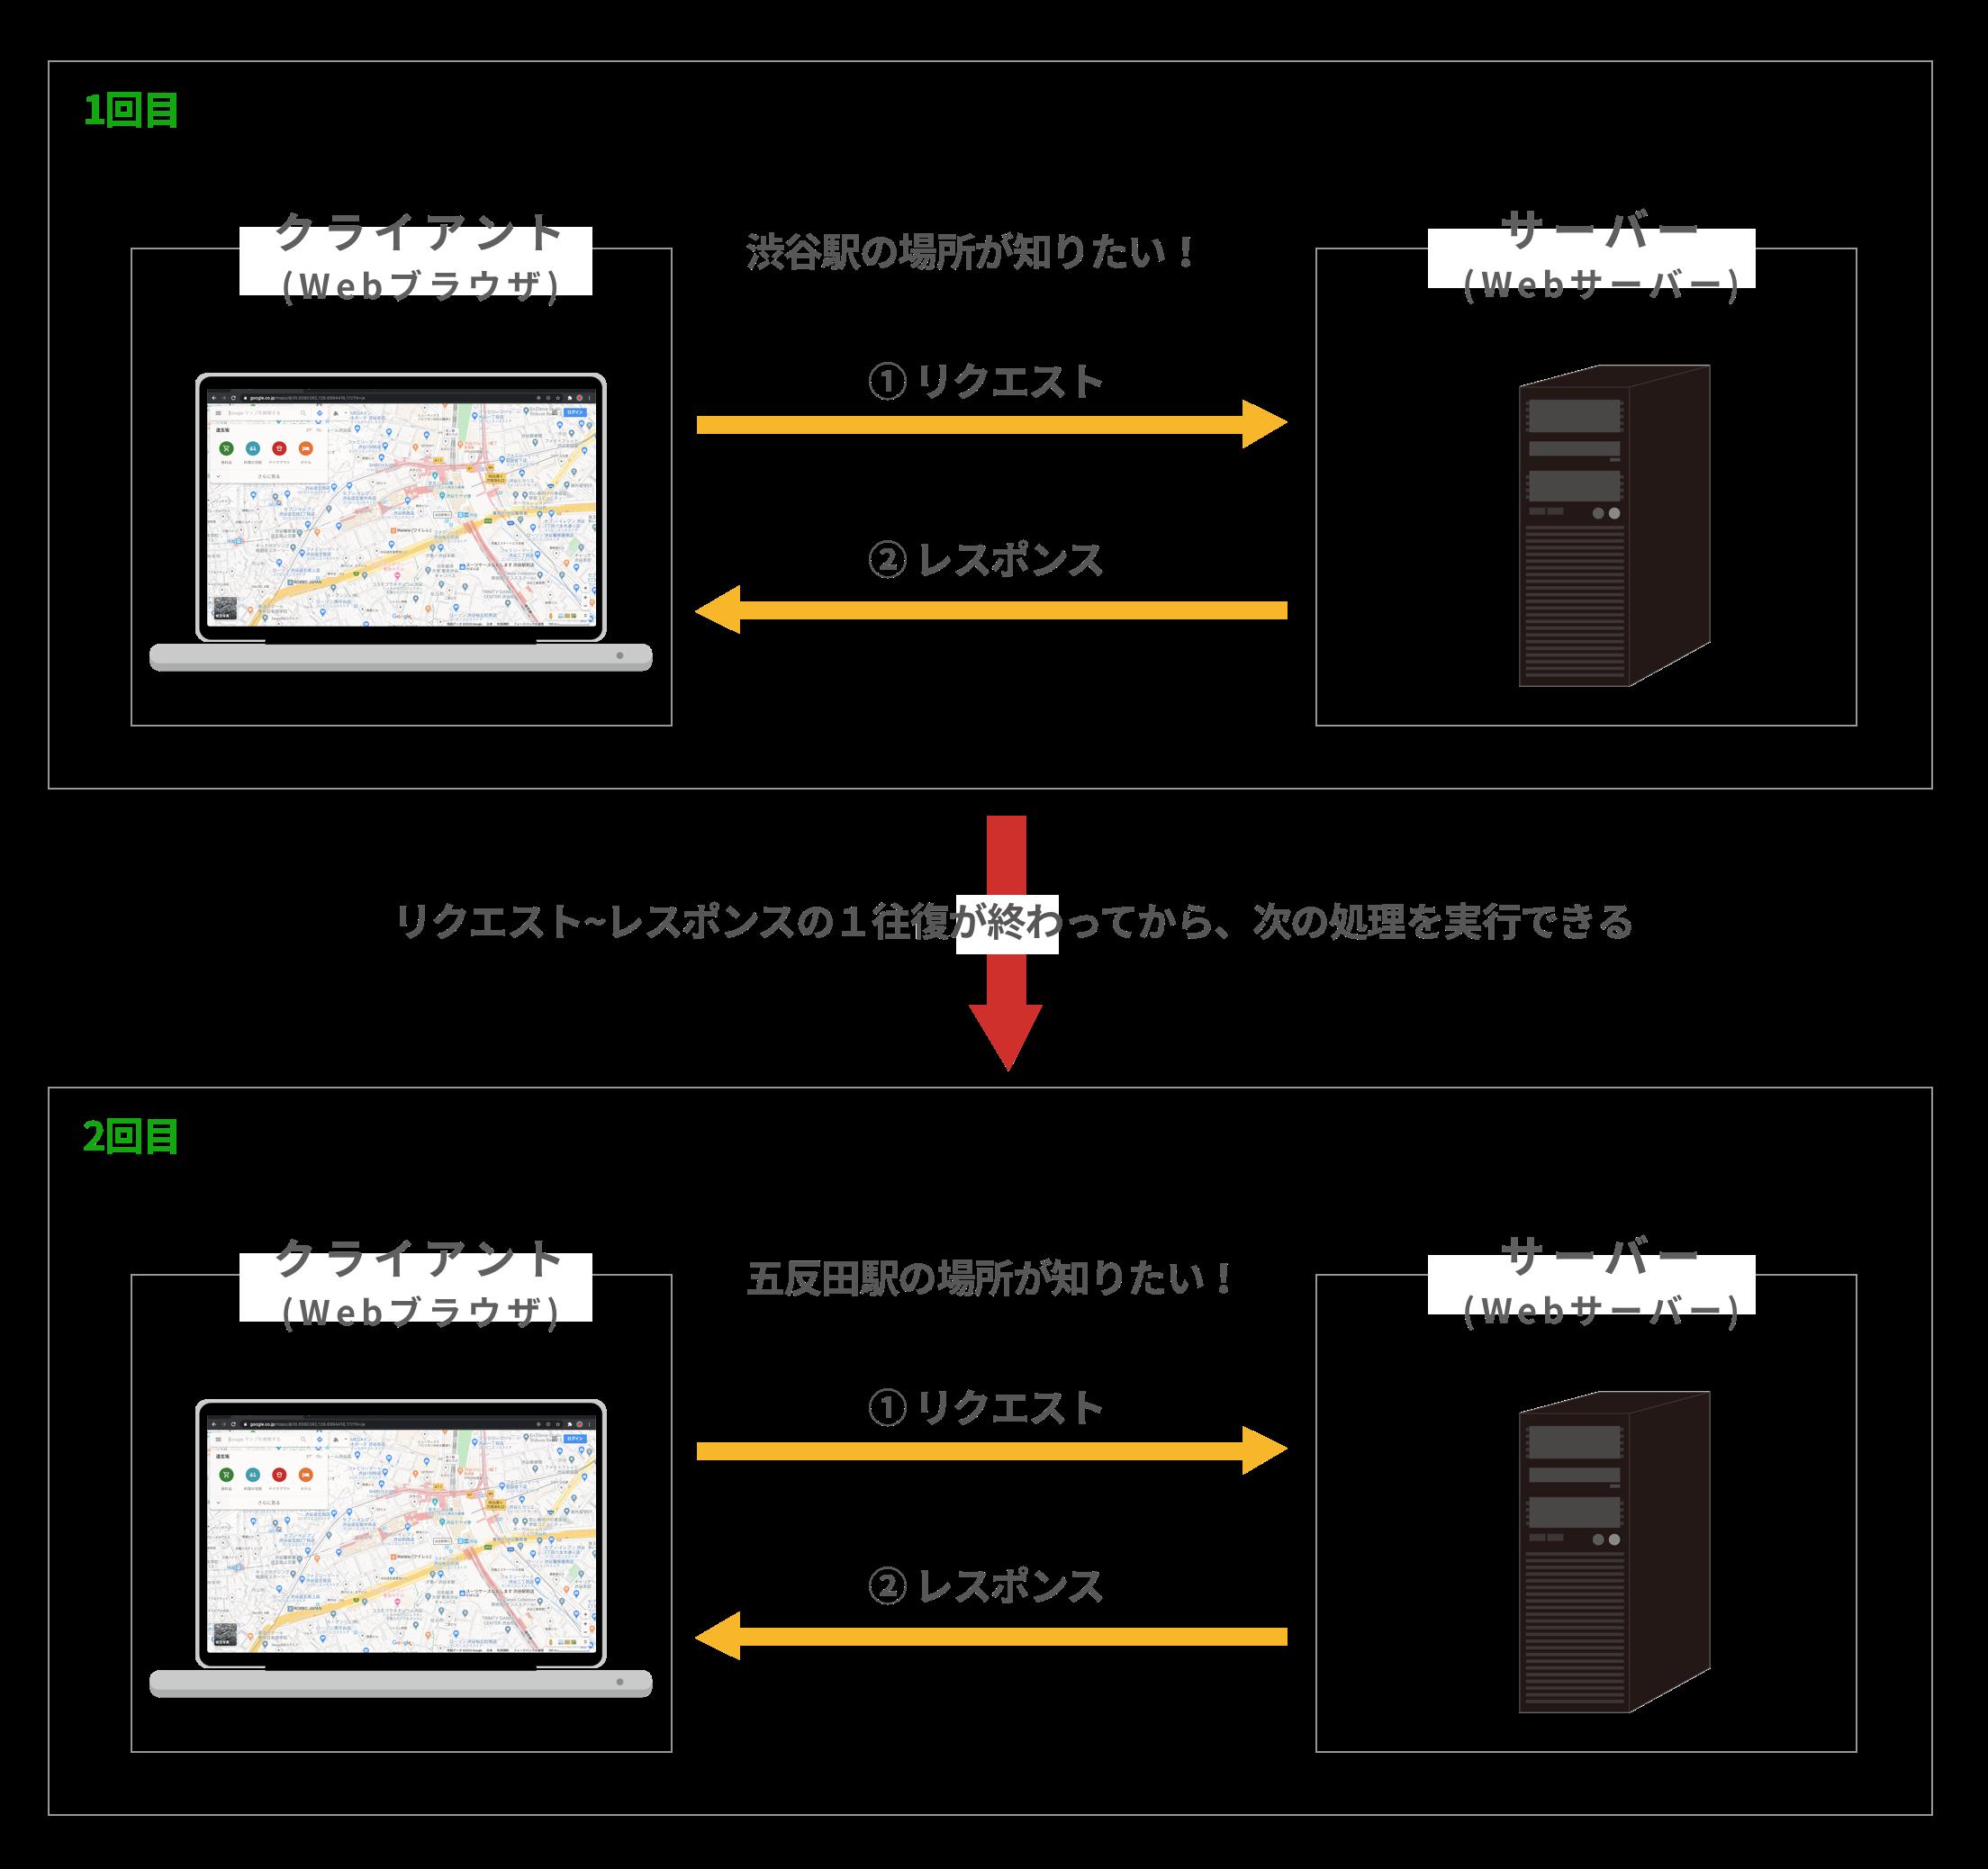 同期通信のリクエストとレスポンスの仕組み